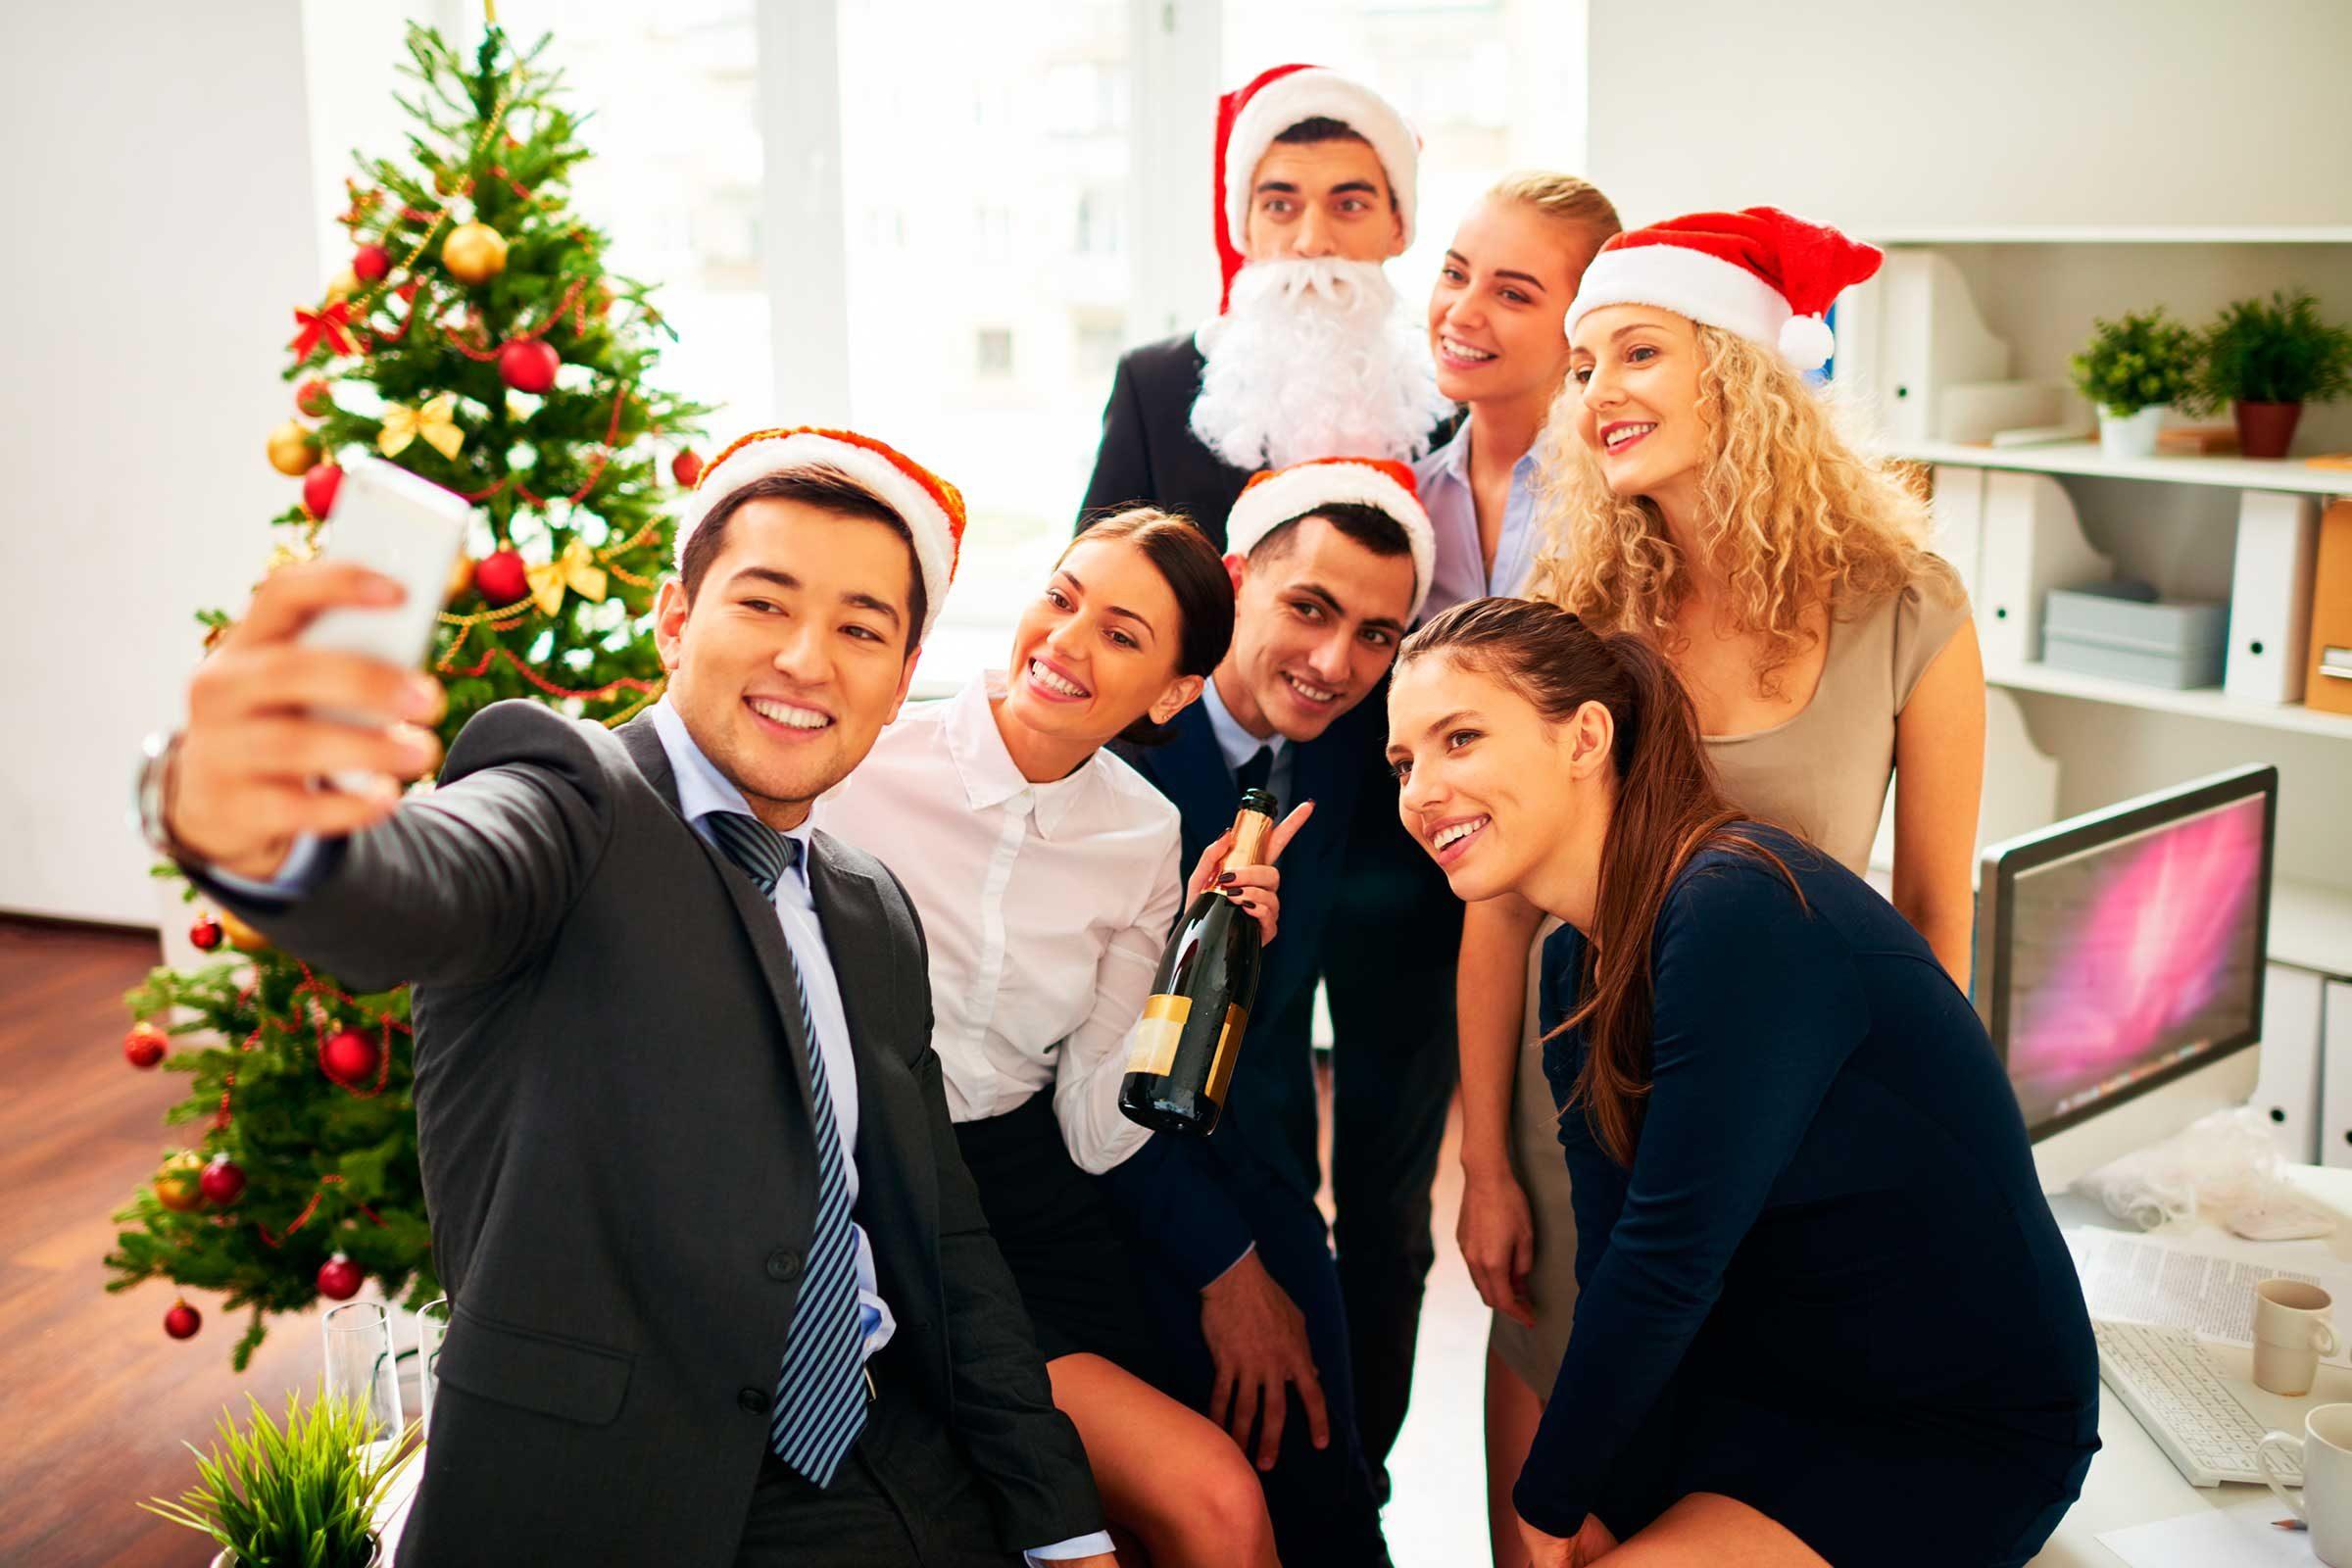 company christmas party etiquette